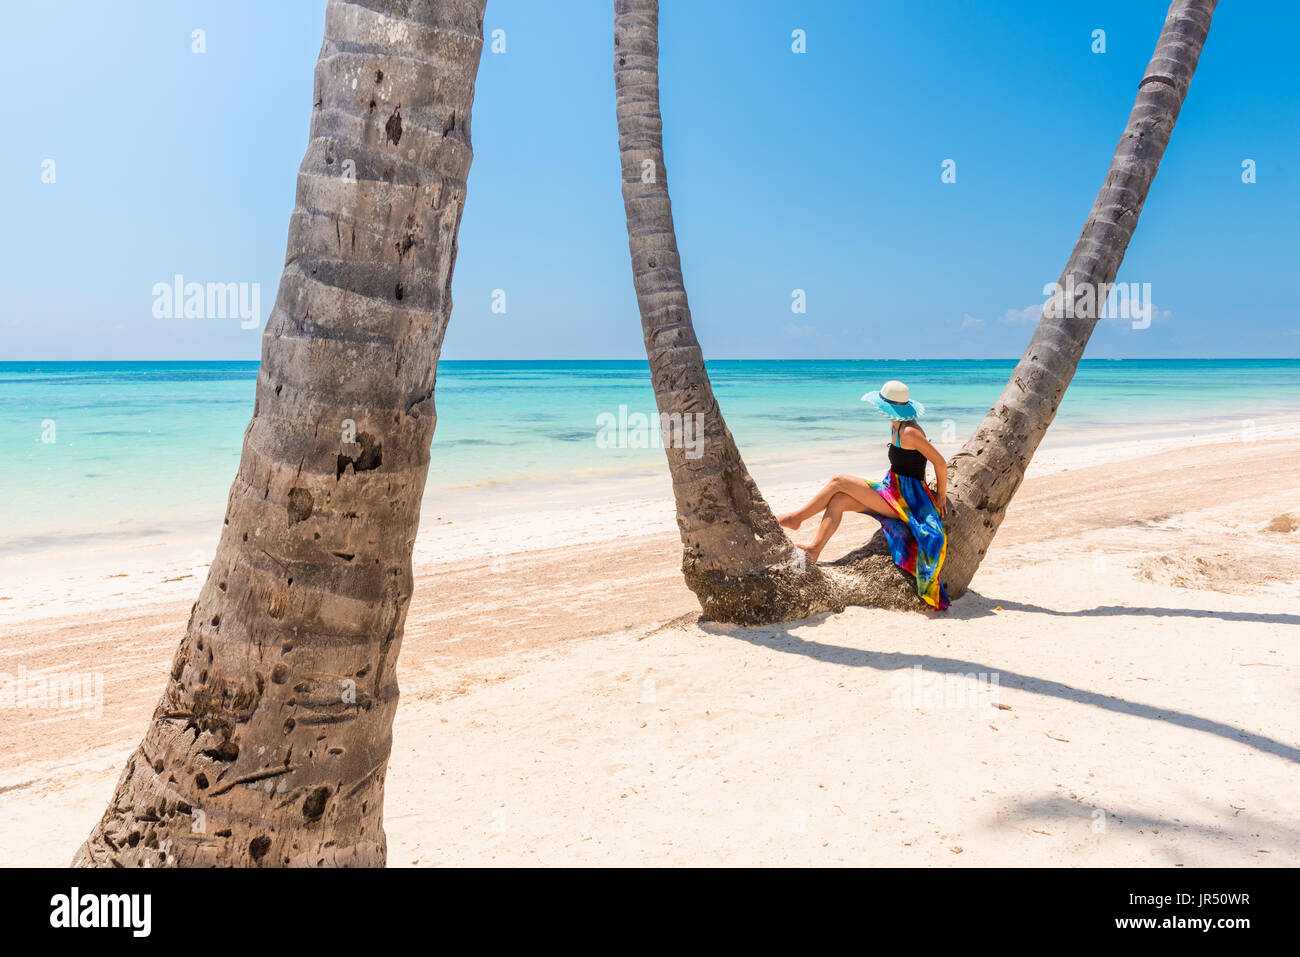 Juanillo Beach (playa Juanillo), Punta Cana, République dominicaine. Femme de hauts palmiers sur la plage (MR) Photo Stock